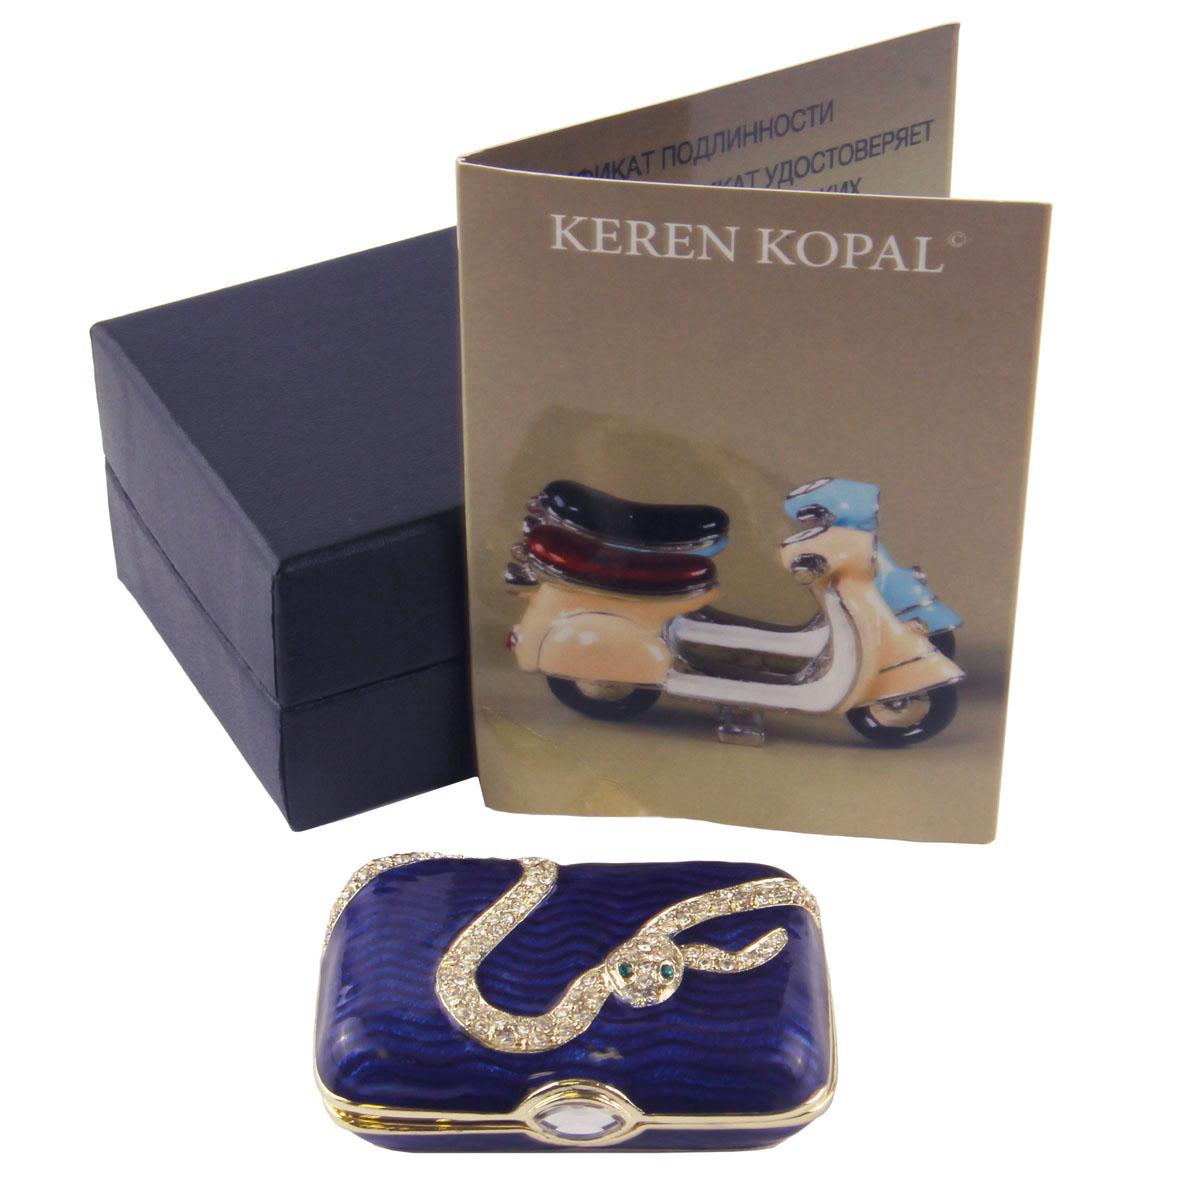 Шкатулка Змея. Металл, полихромные эмали, стразы. Keren Kopal, Израиль, конец XX века шкатулка змея металл полихромные эмали стразы keren kopal израиль конец xx века